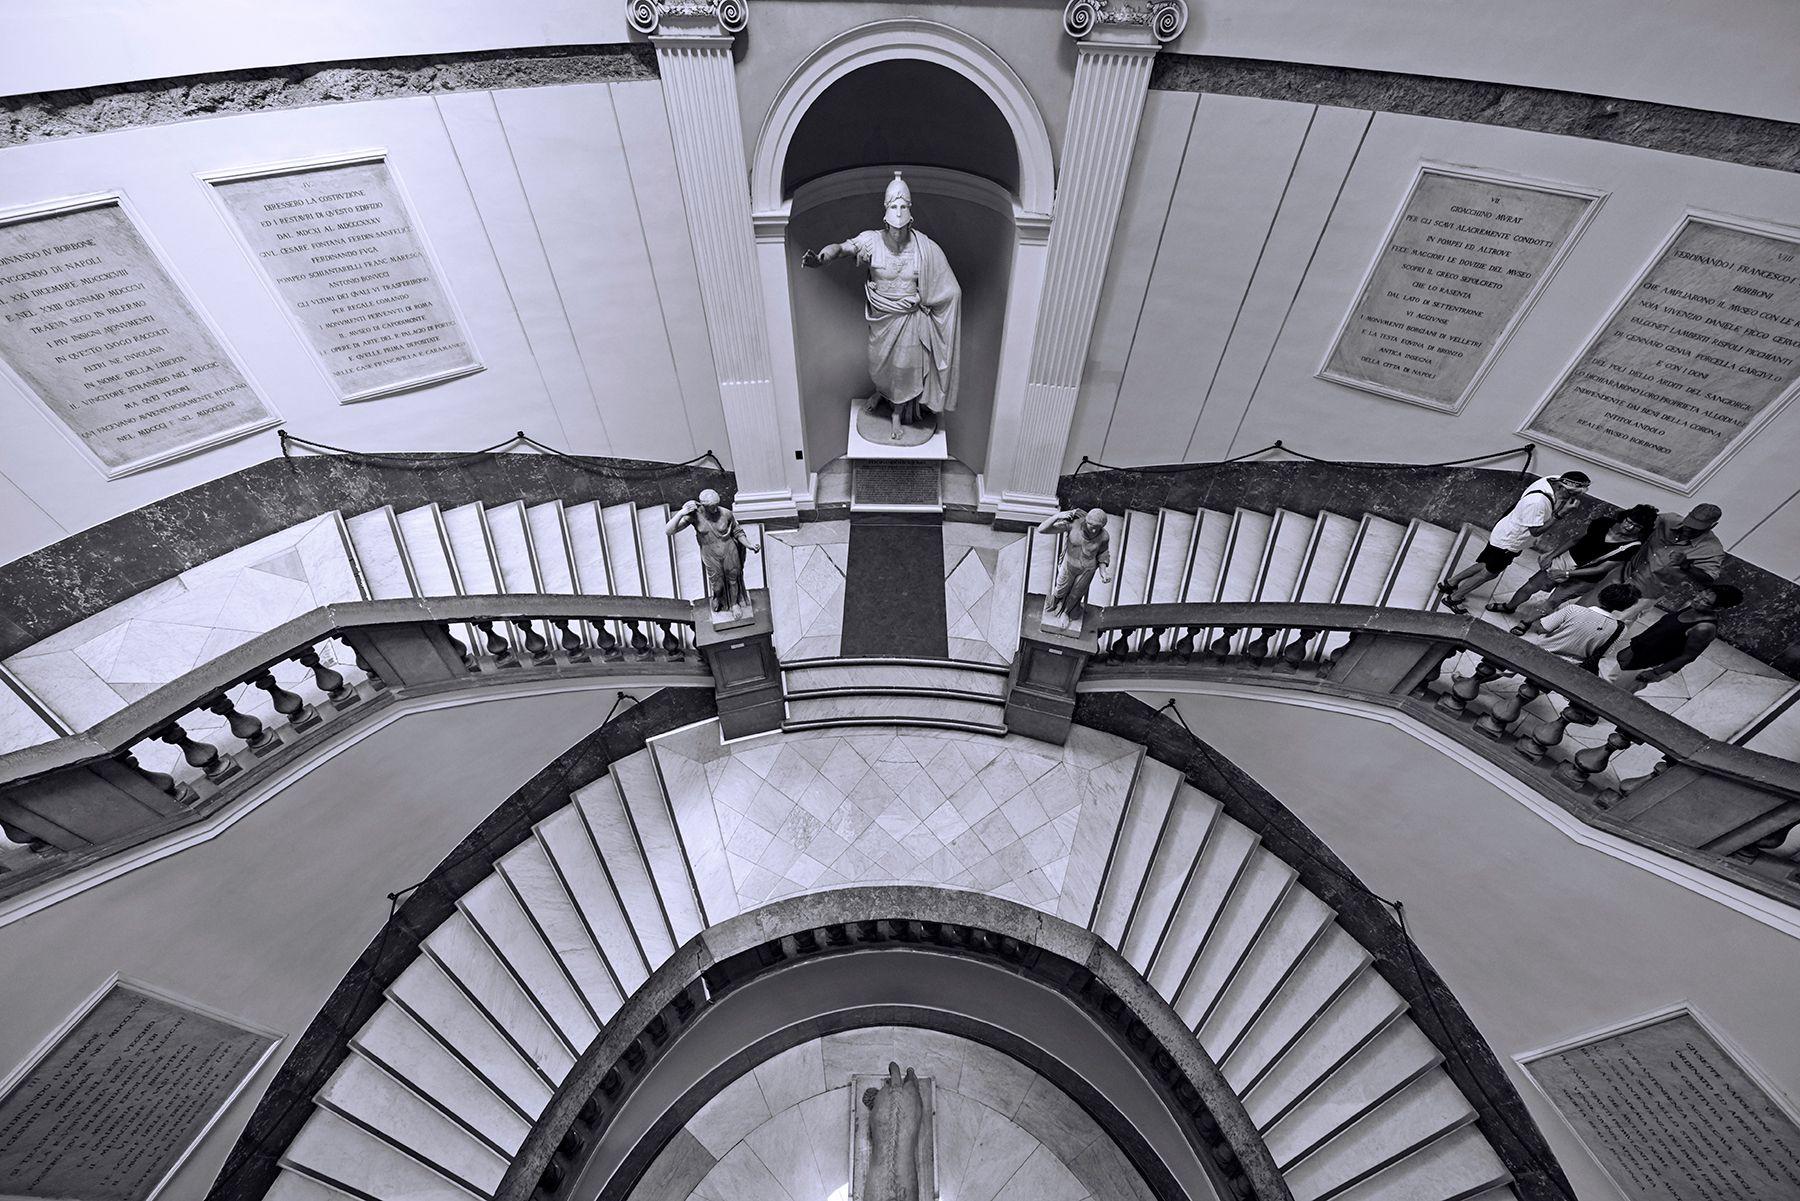 Escaleras del Museo Arqueológico de Nápoles